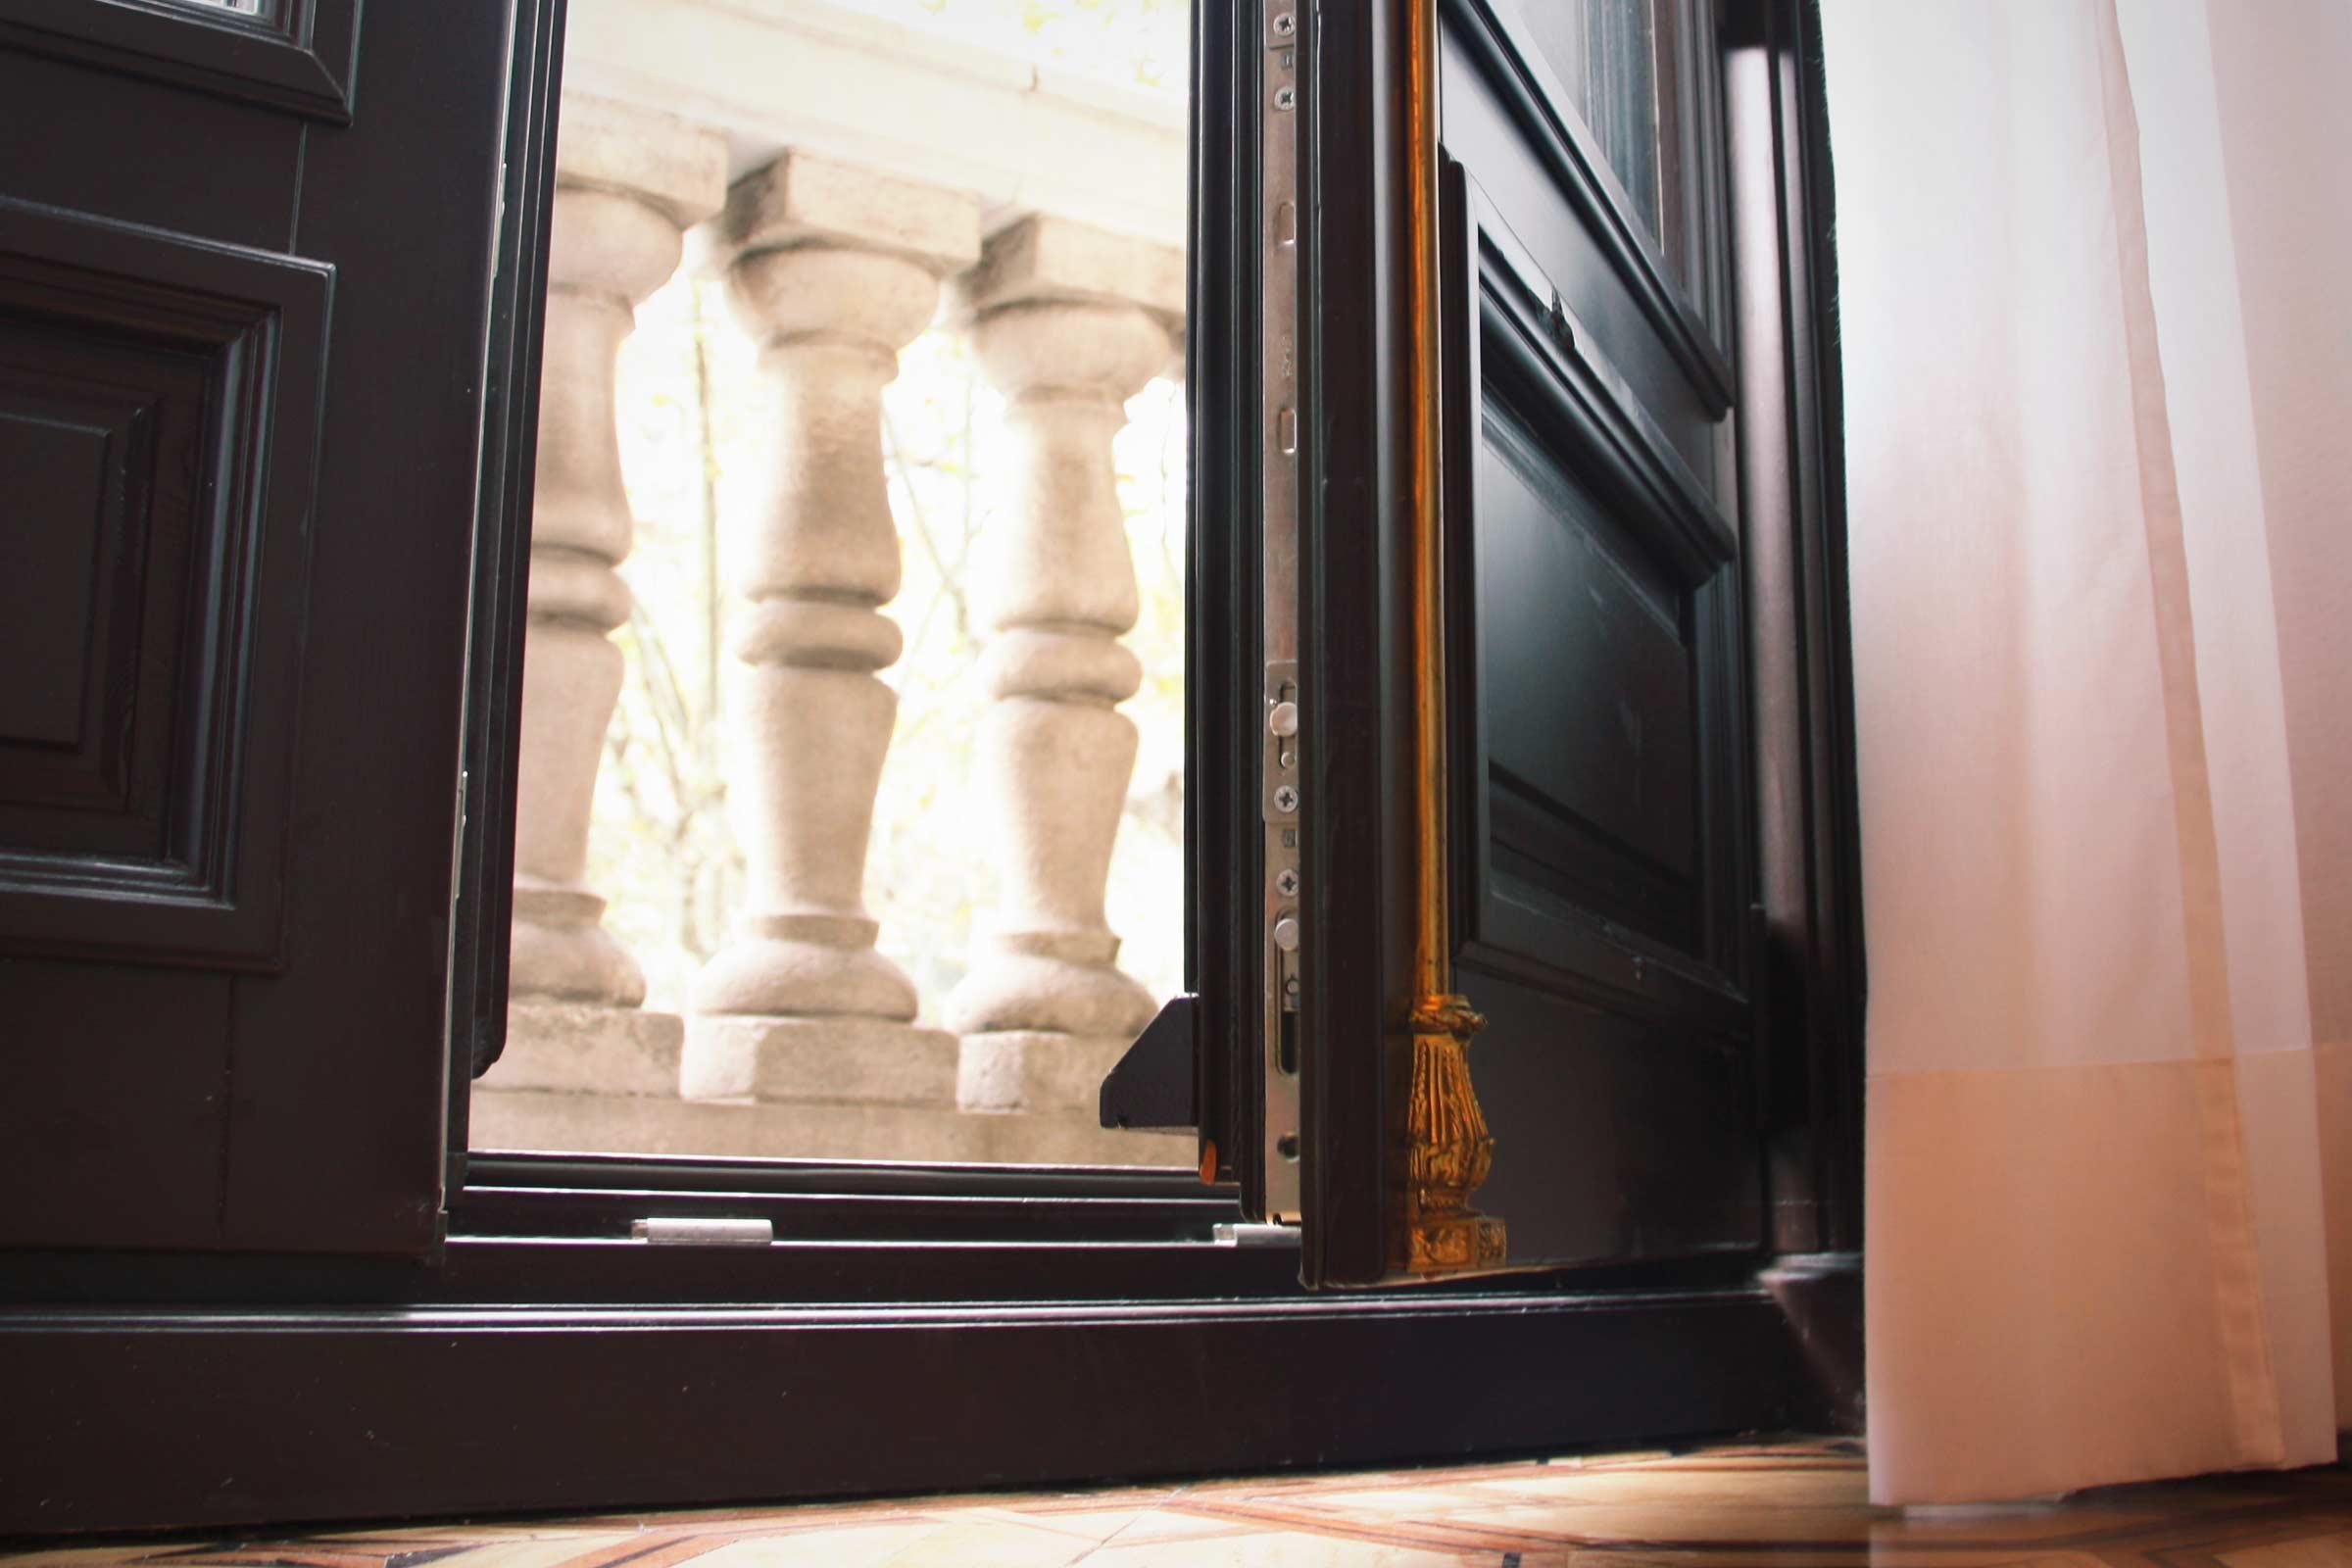 ventanas de madera para balconera con aislamiento acústico adaptado en el Hotel Cotton House Hotel Barcelona